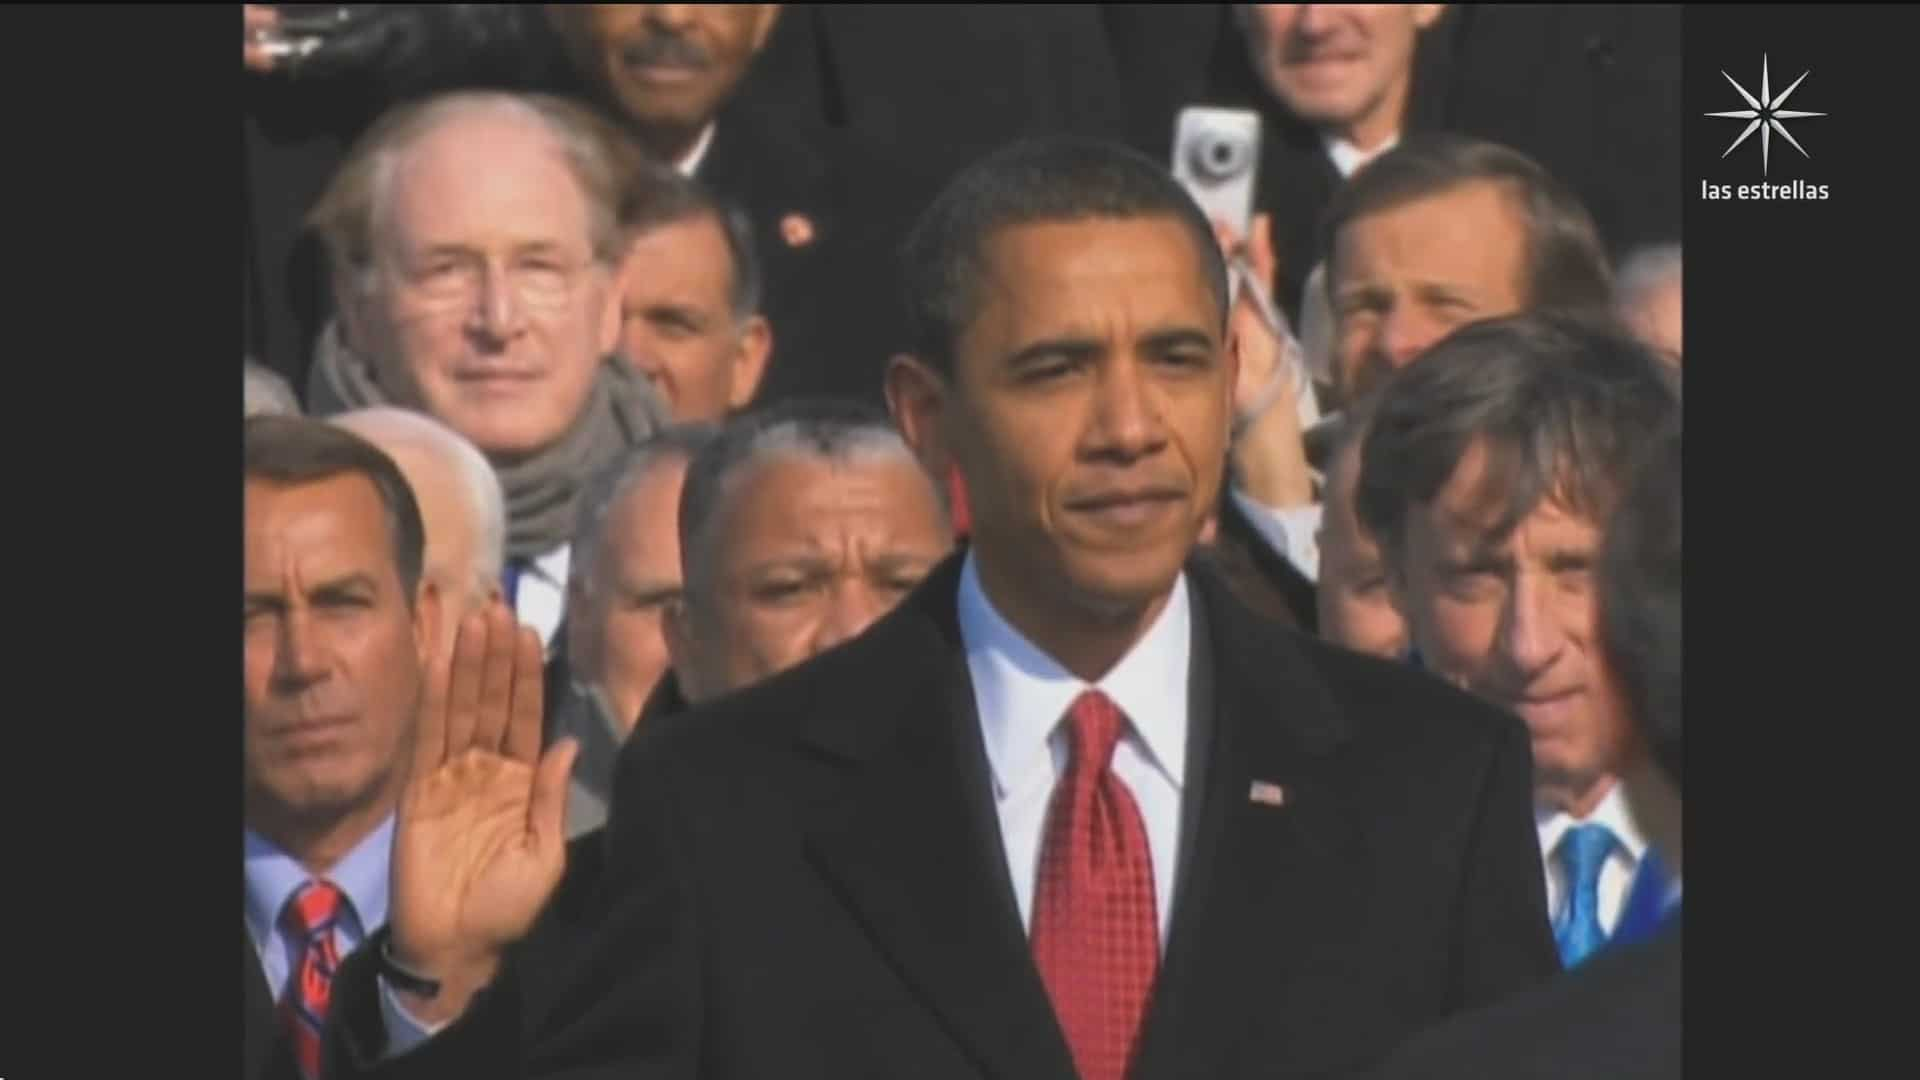 70 anos de las estrellas la toma de posesion de barack obama